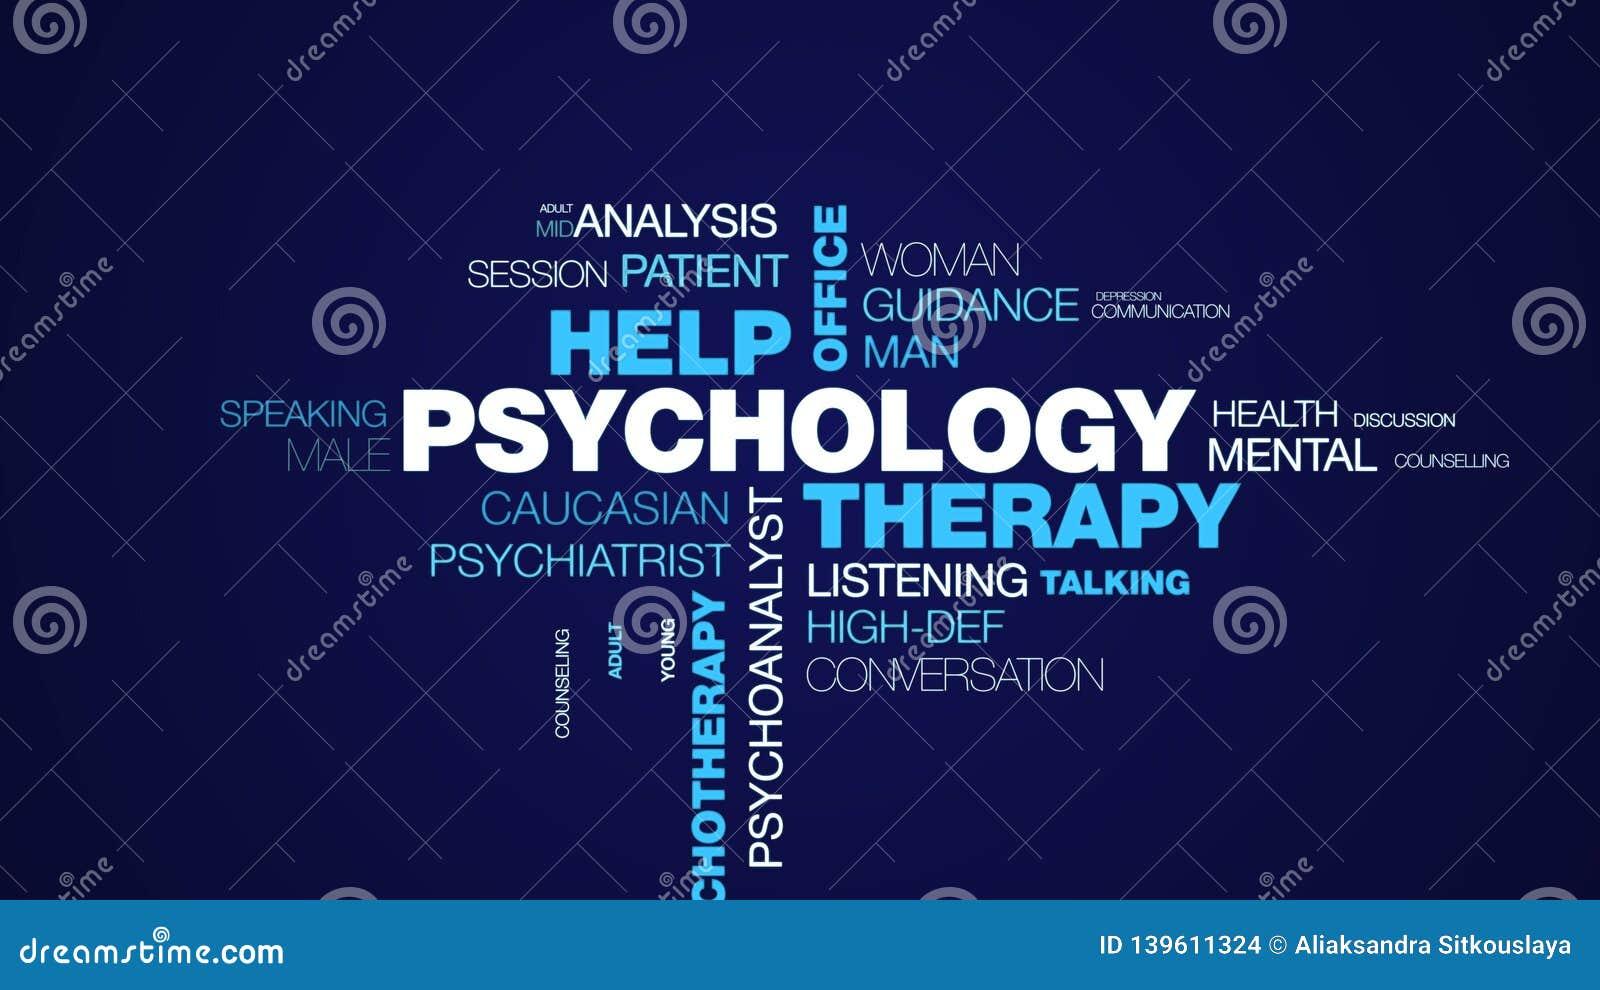 心理学疗法帮助办公室心理学家精神病学女性治疗师忠告精神疗法专业生气蓬勃的词